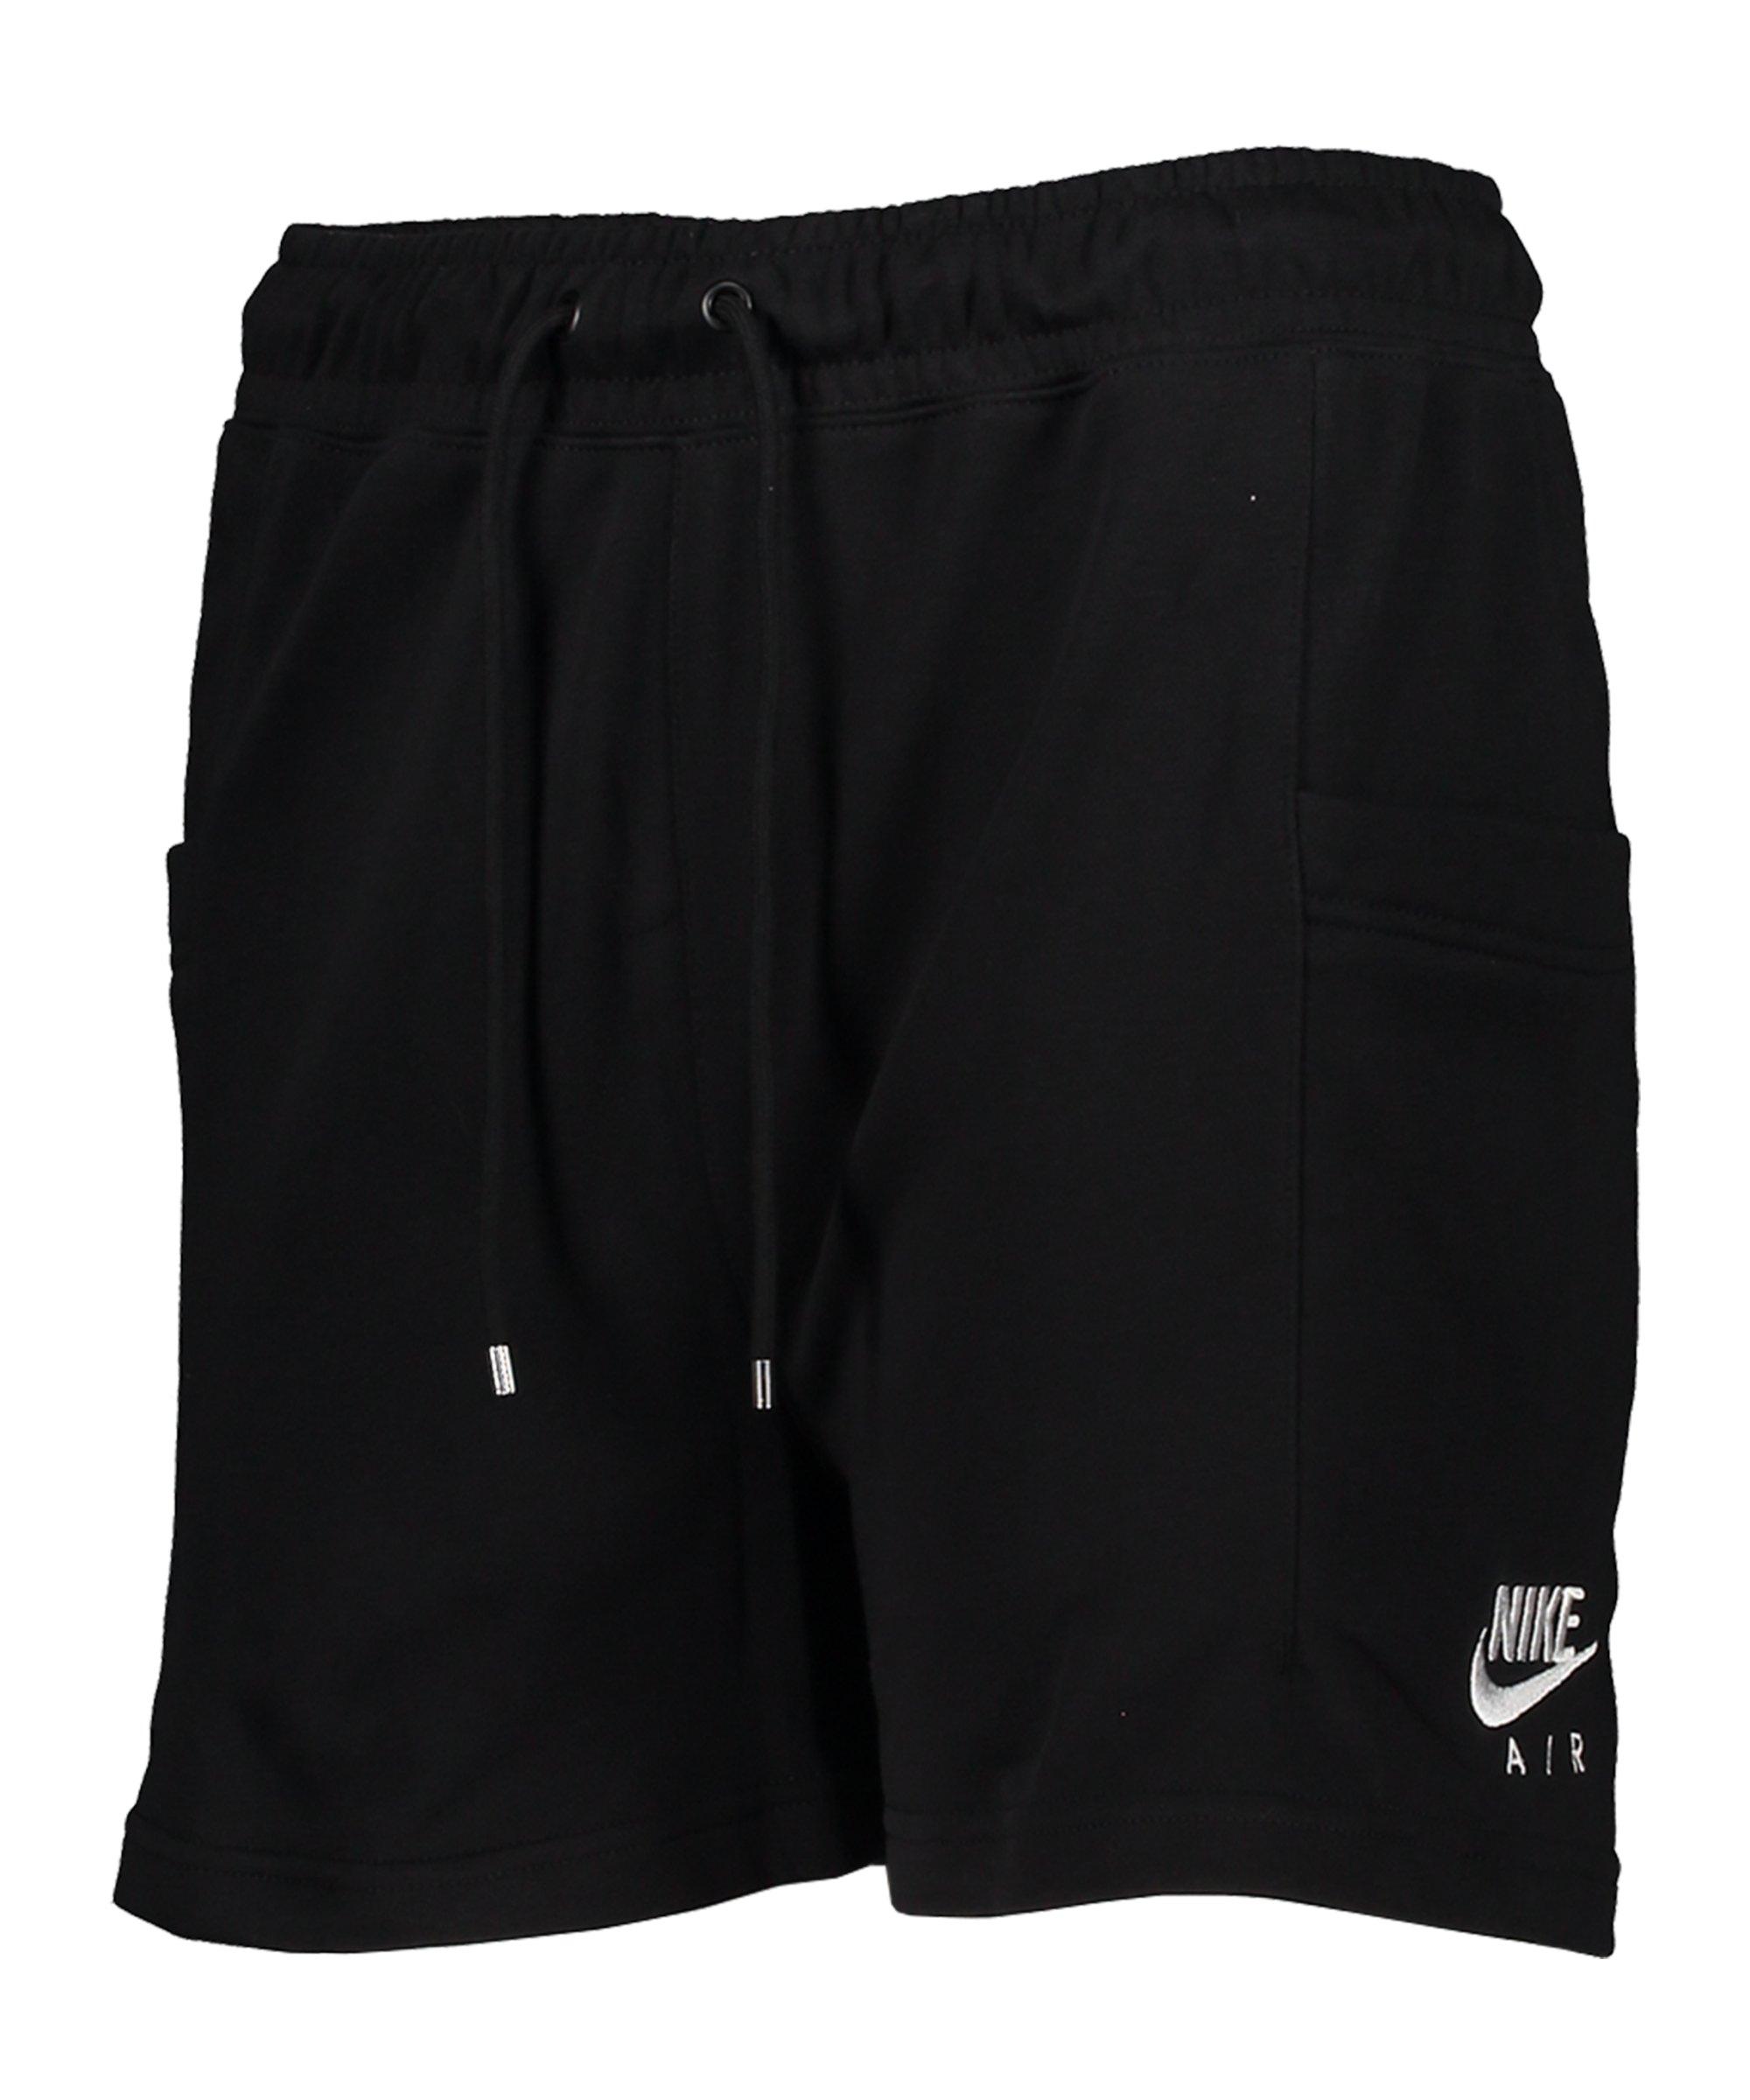 Nike Air Fleece Short Damen Schwarz Weiss F010 - schwarz